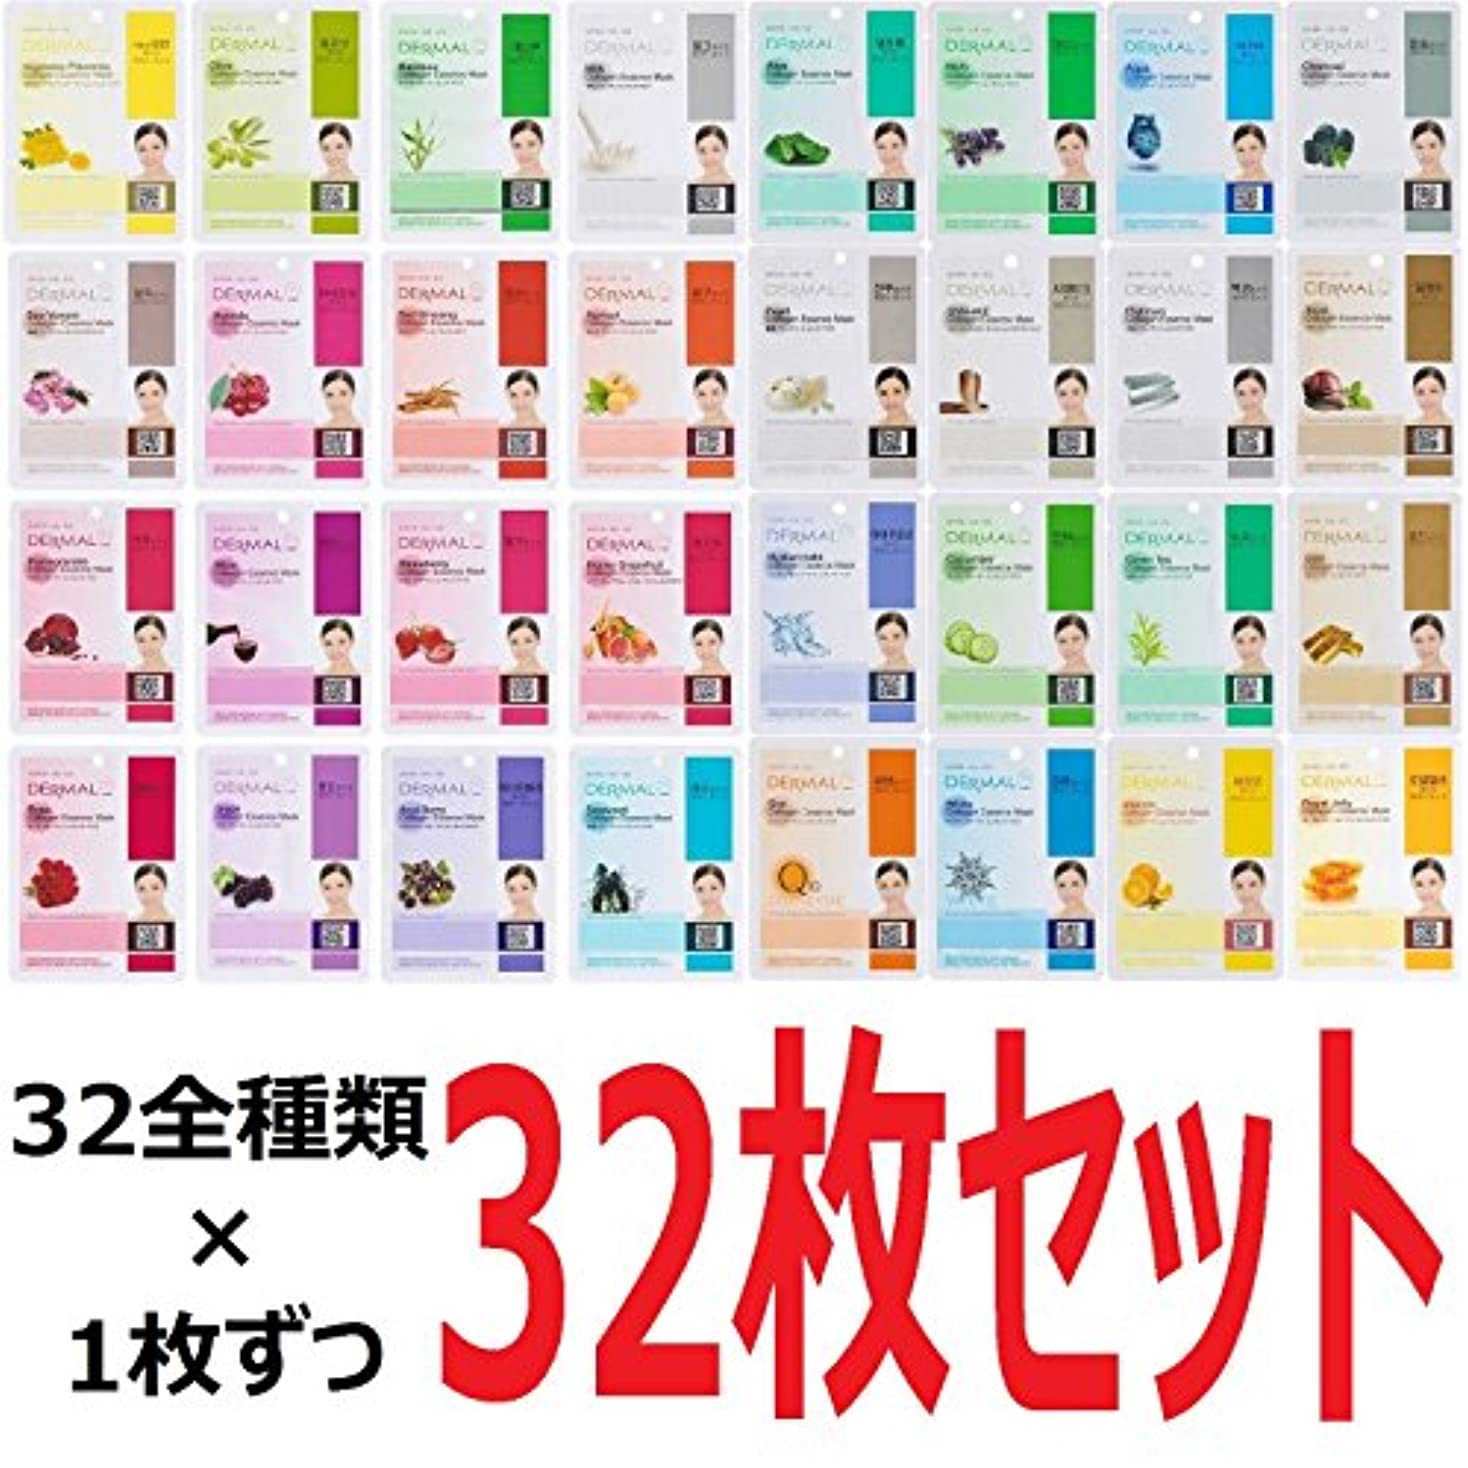 暫定の不良品危険を冒しますDERMAL(ダーマル) エッセンスマスク 32枚セット(32種全種類)/Essence Mask 32pcs [並行輸入品]